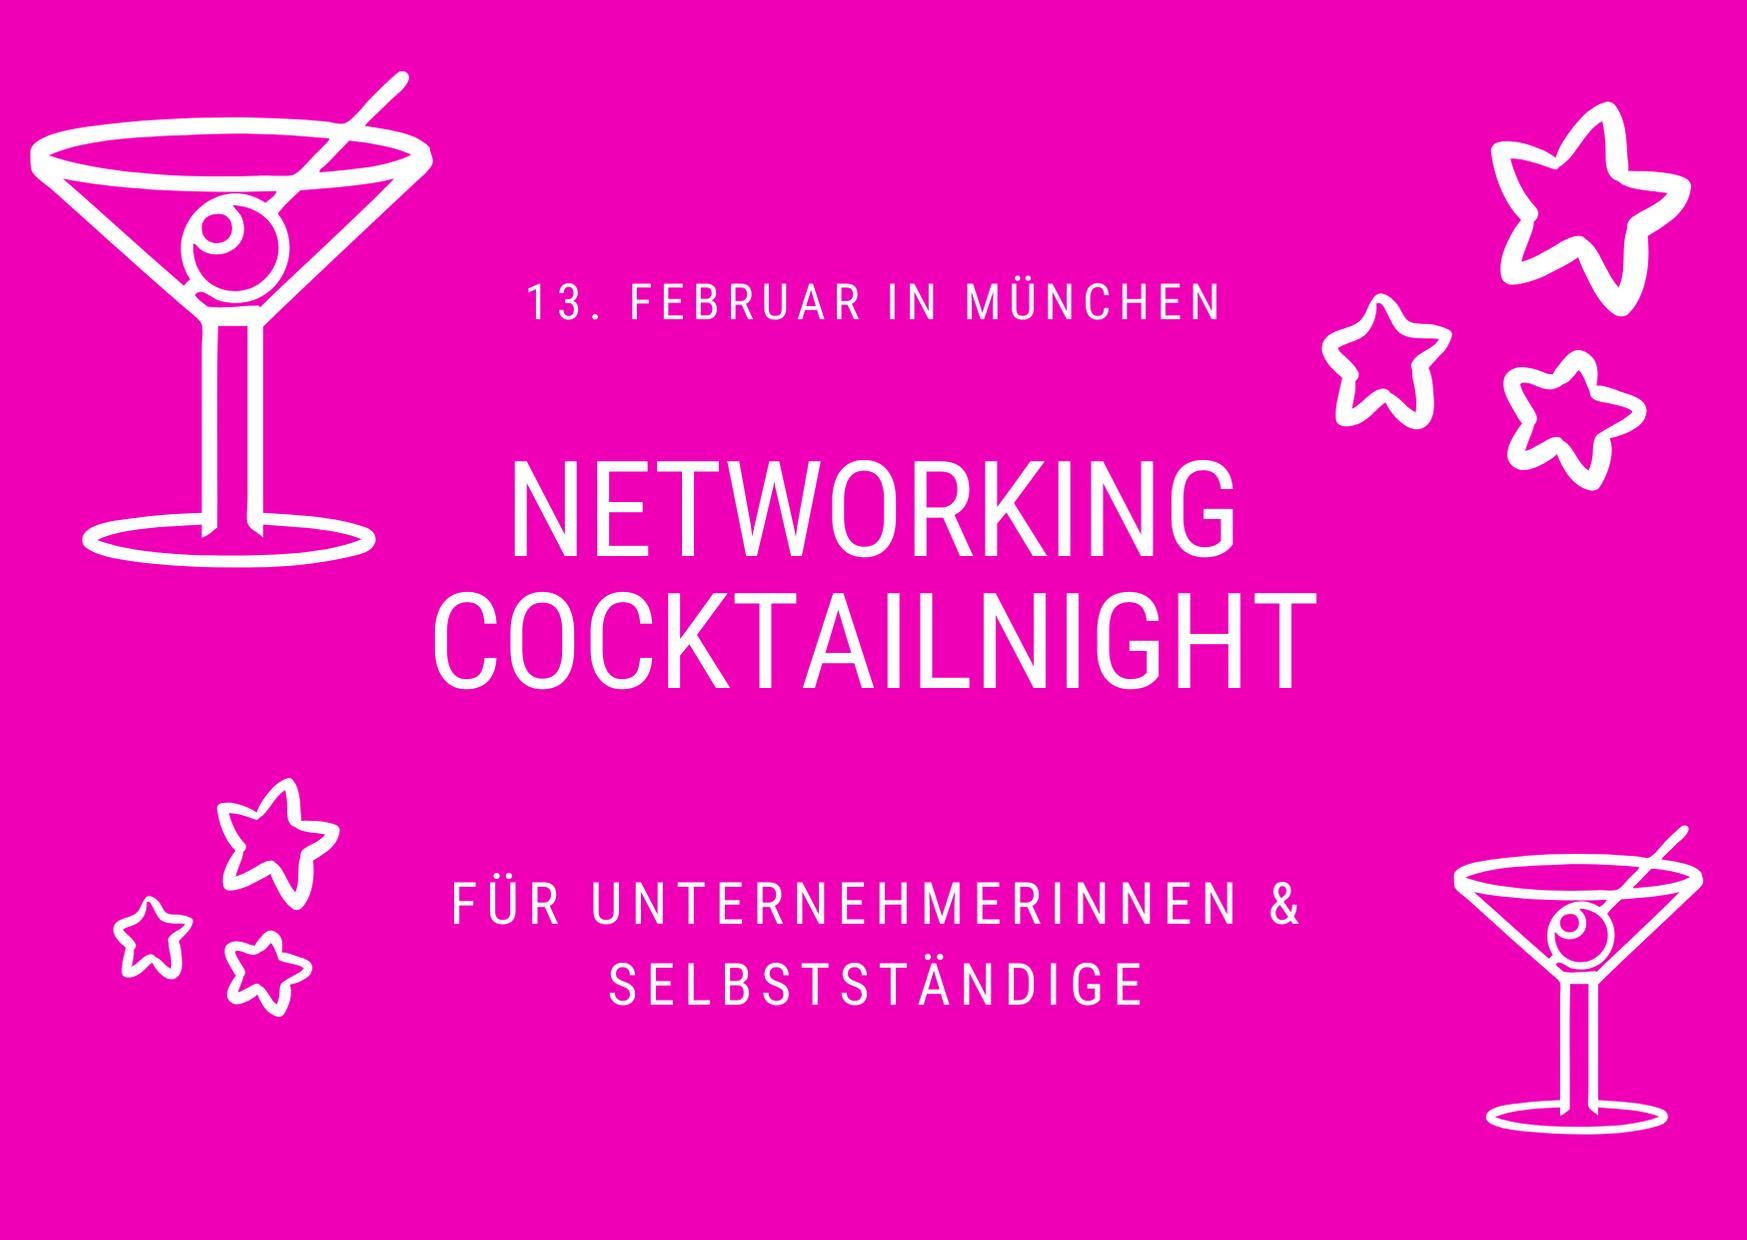 Münchner Networking Cocktailnight für Selbstständige